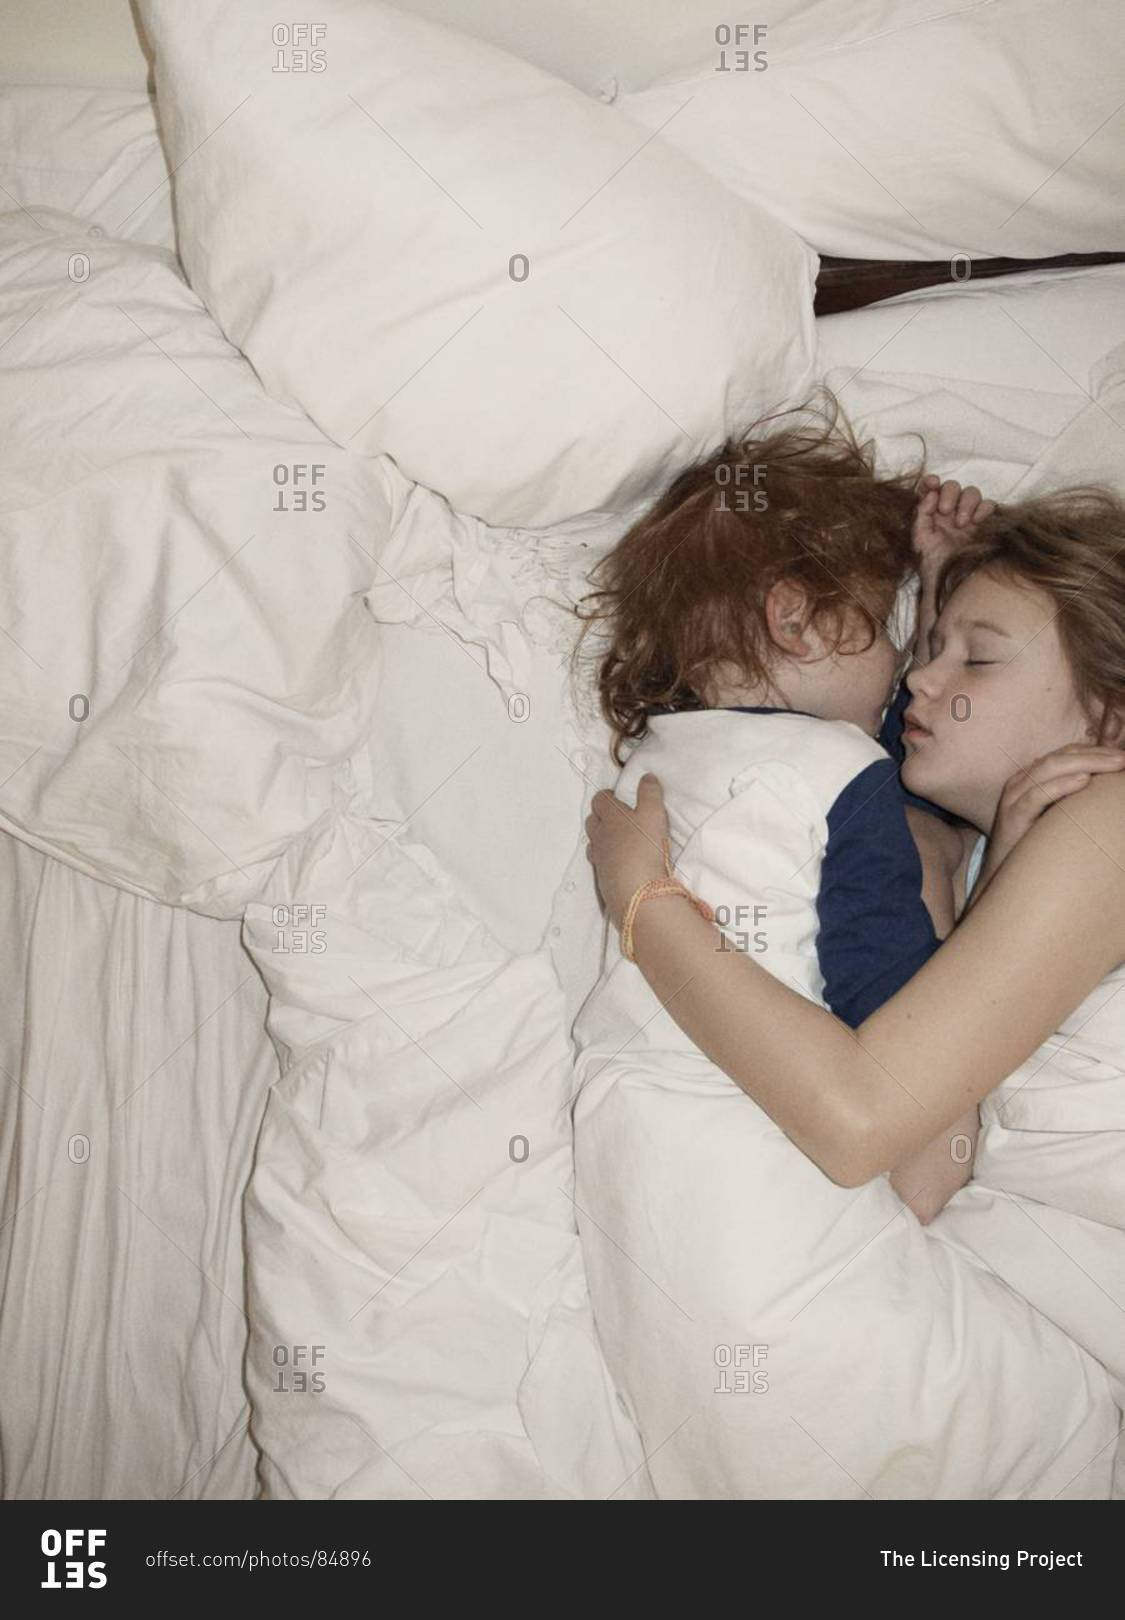 Brother and sister sleep together